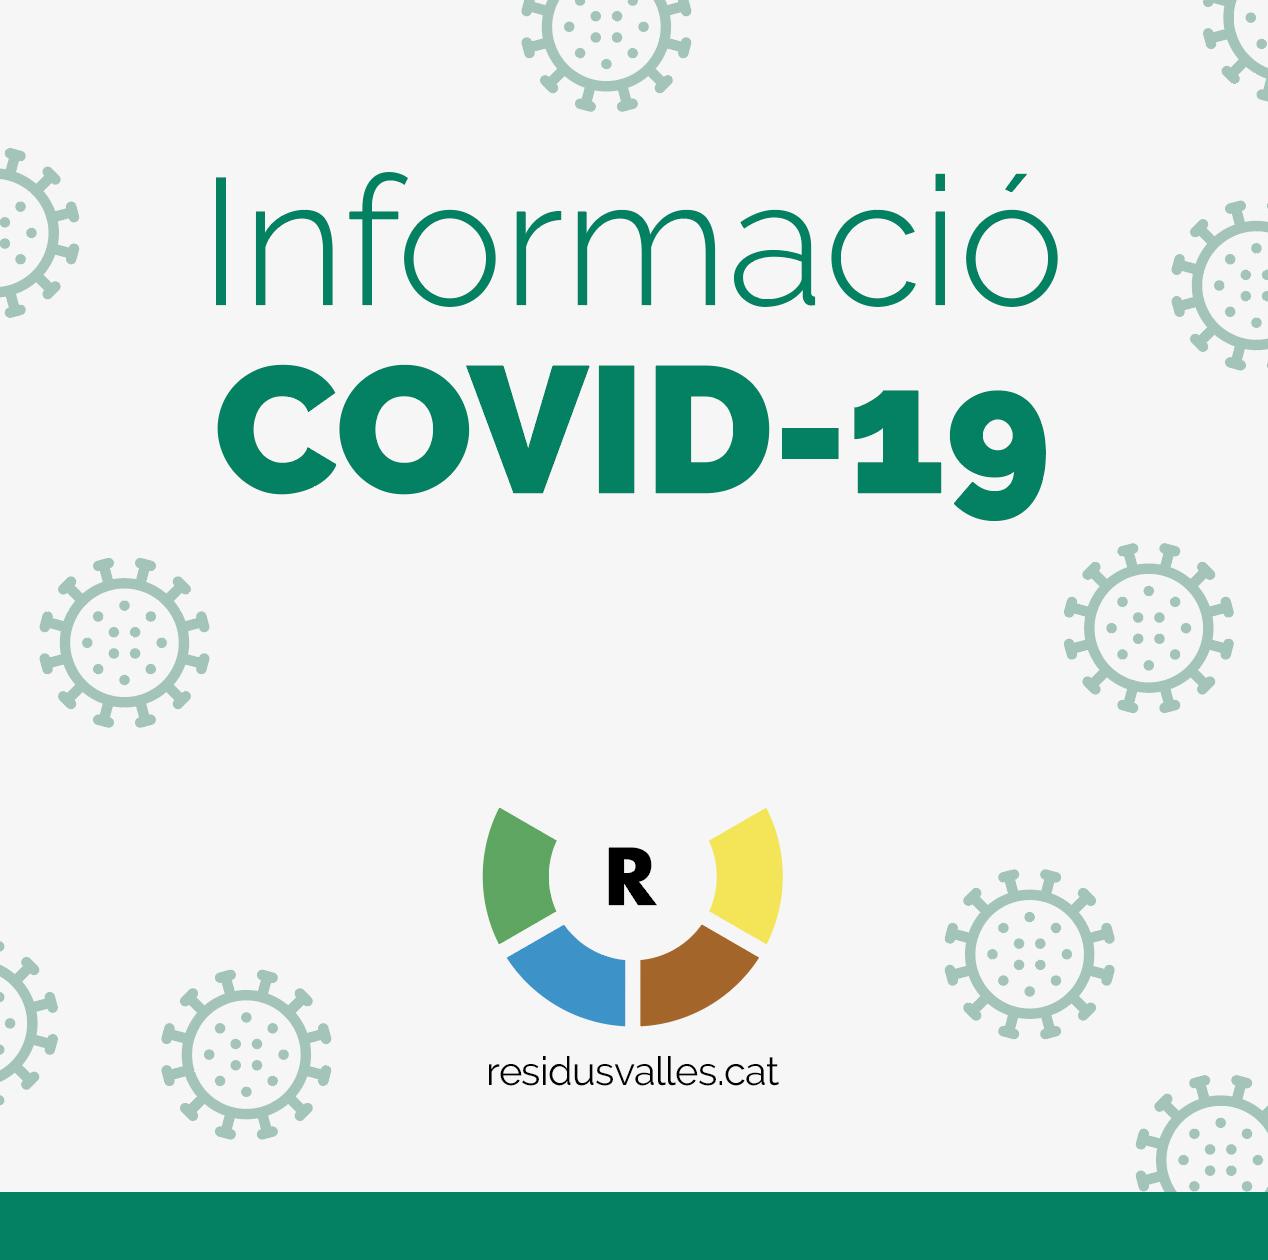 Imatge feta pel Consorci per a la Gesió de Residus del Vallès Occidental